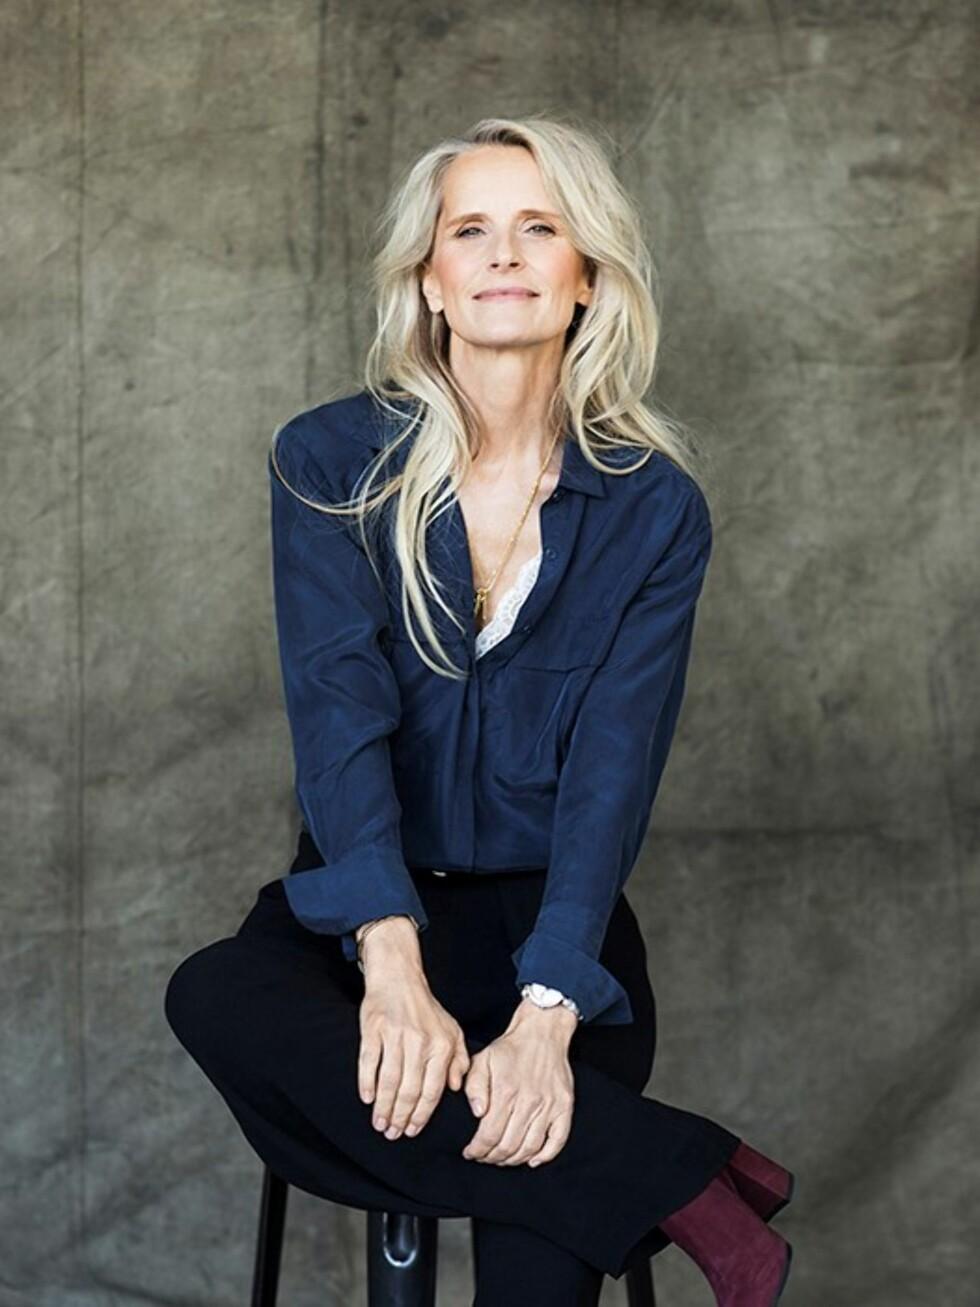 ALDER INGEN HINDRING: Torun Johansson Delhalle er 53 år og har gjort comeback som modell.  Foto: Daniela Ferro